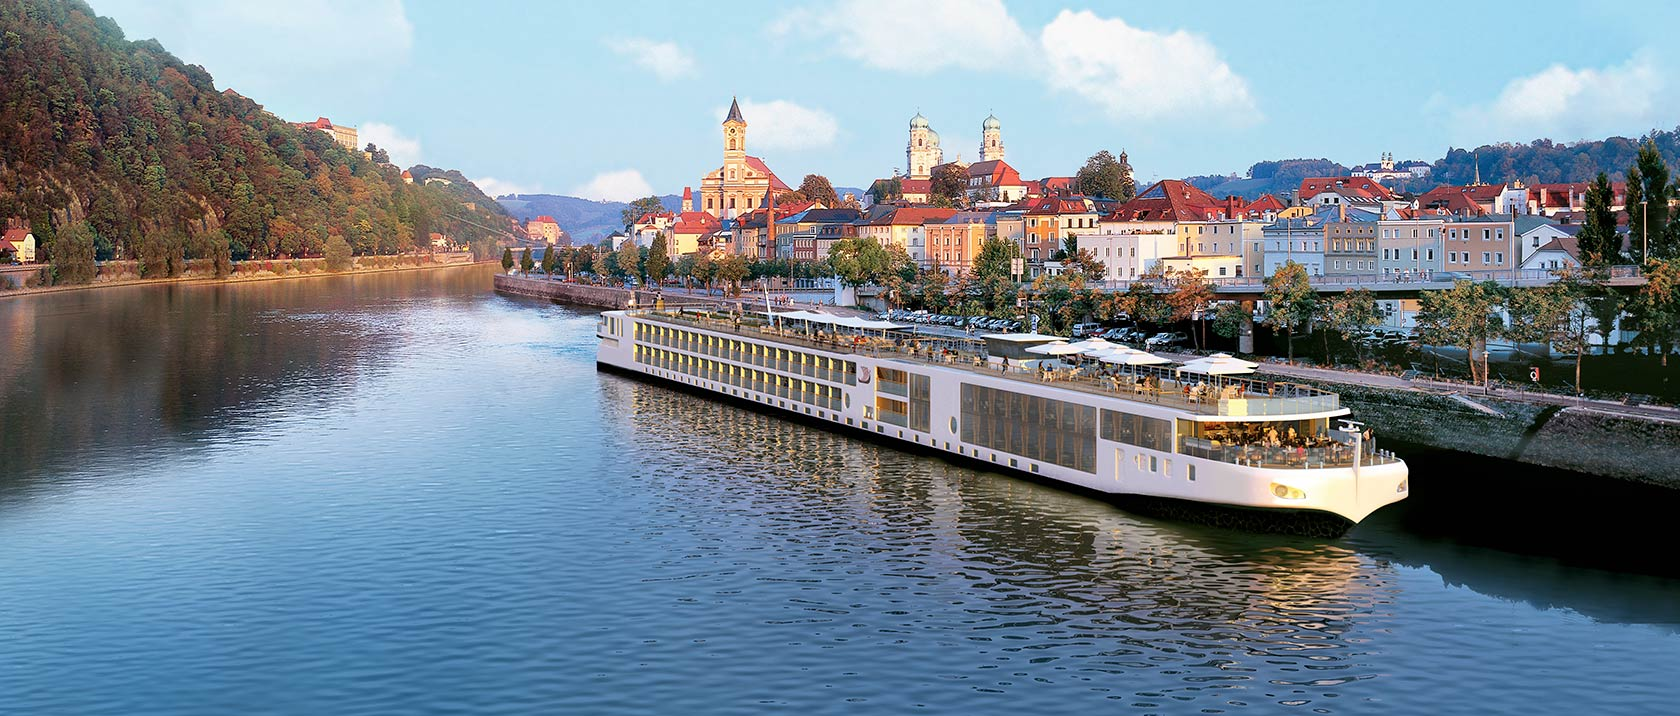 About The Viking Longship Aegir Viking River Cruises